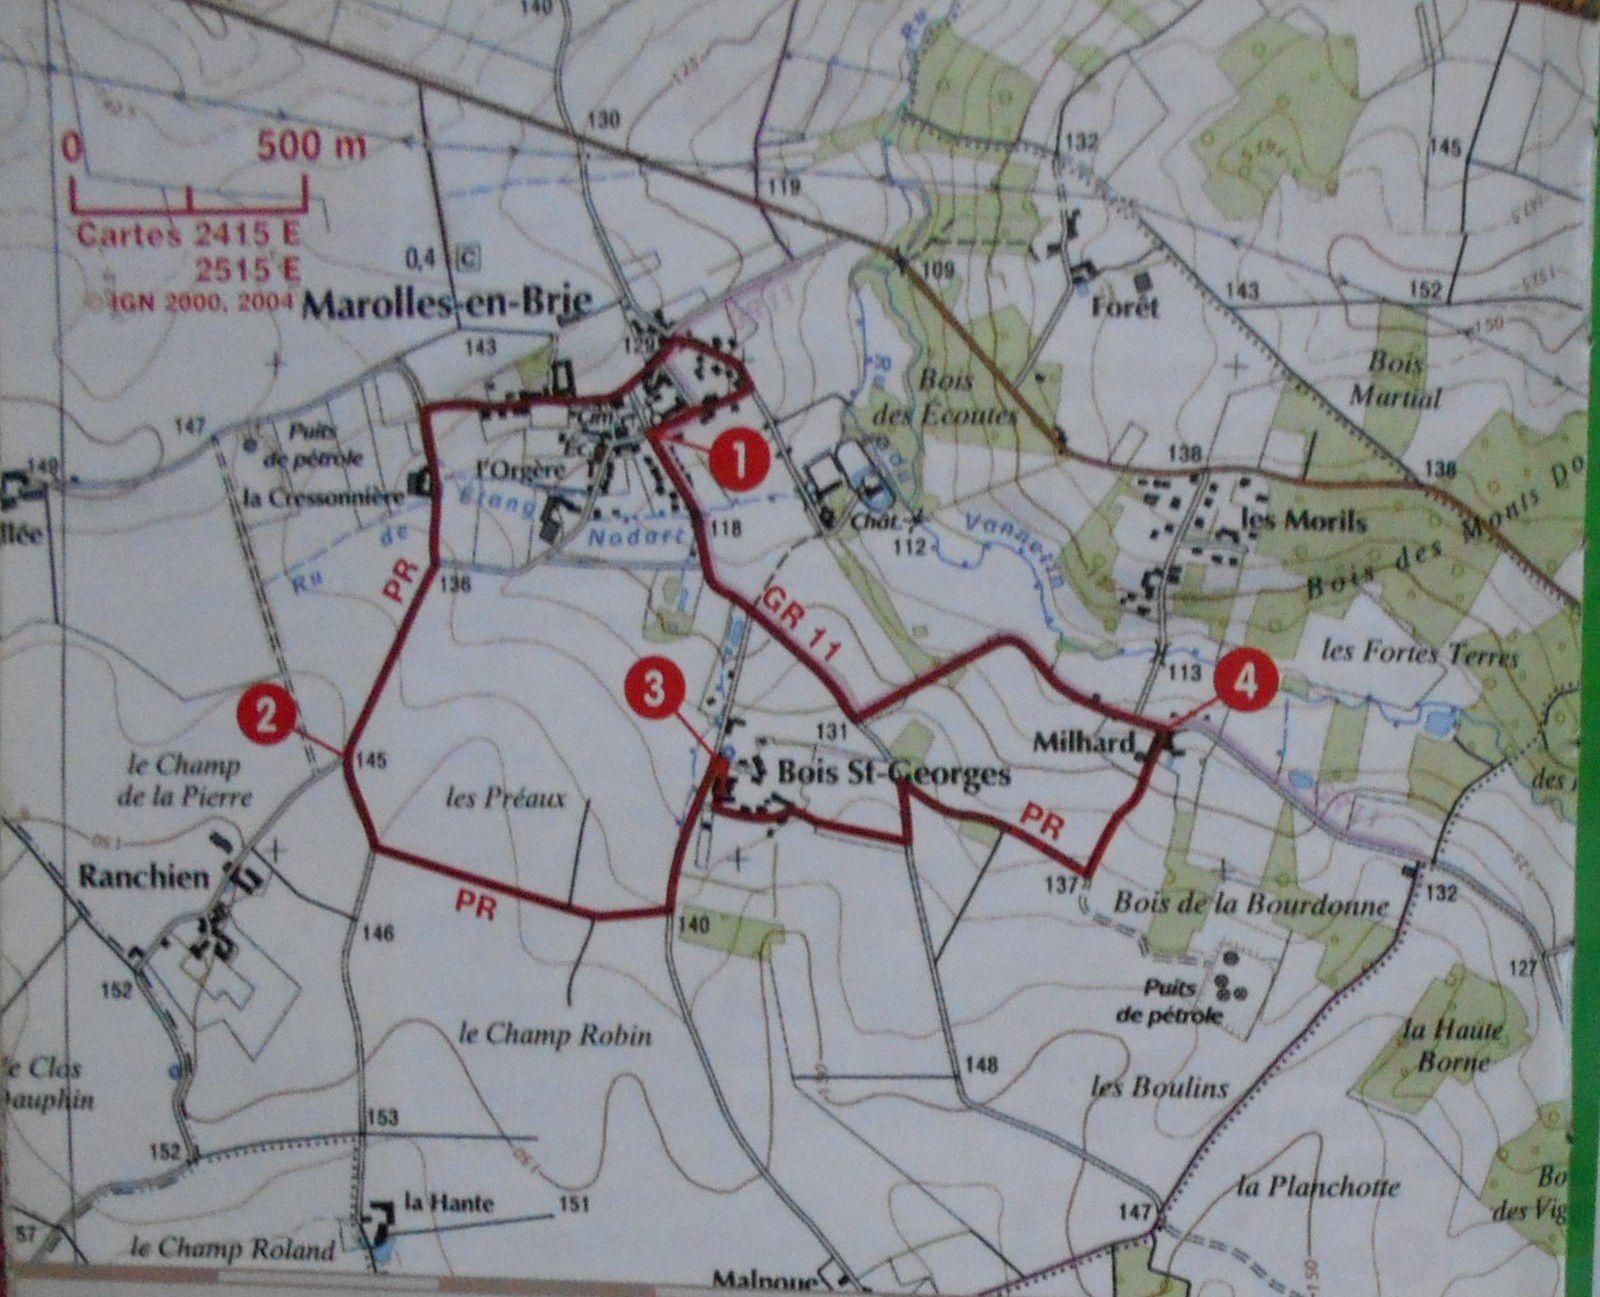 Plutôt agréable, la balade de 6 km proposée par le topo-guide de la région sous le nom d'itinéraire des Sources de Marolles-en-Brie a été accomplie avec mon aînée Valérie et aussi Christian, sans oublier le chien Banban...